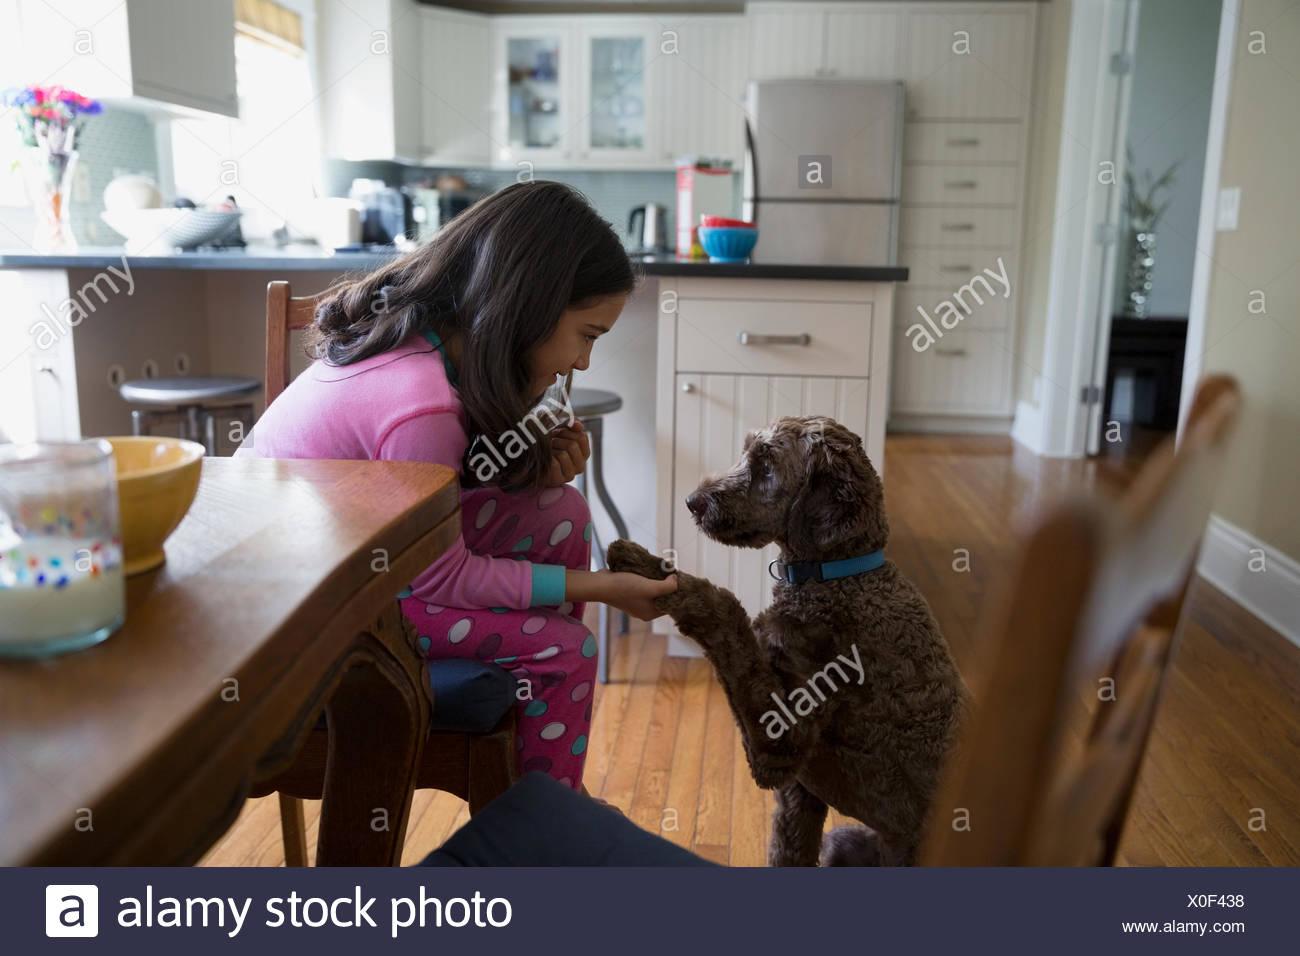 Ragazza zampa di scuotimento con cane in cucina Immagini Stock